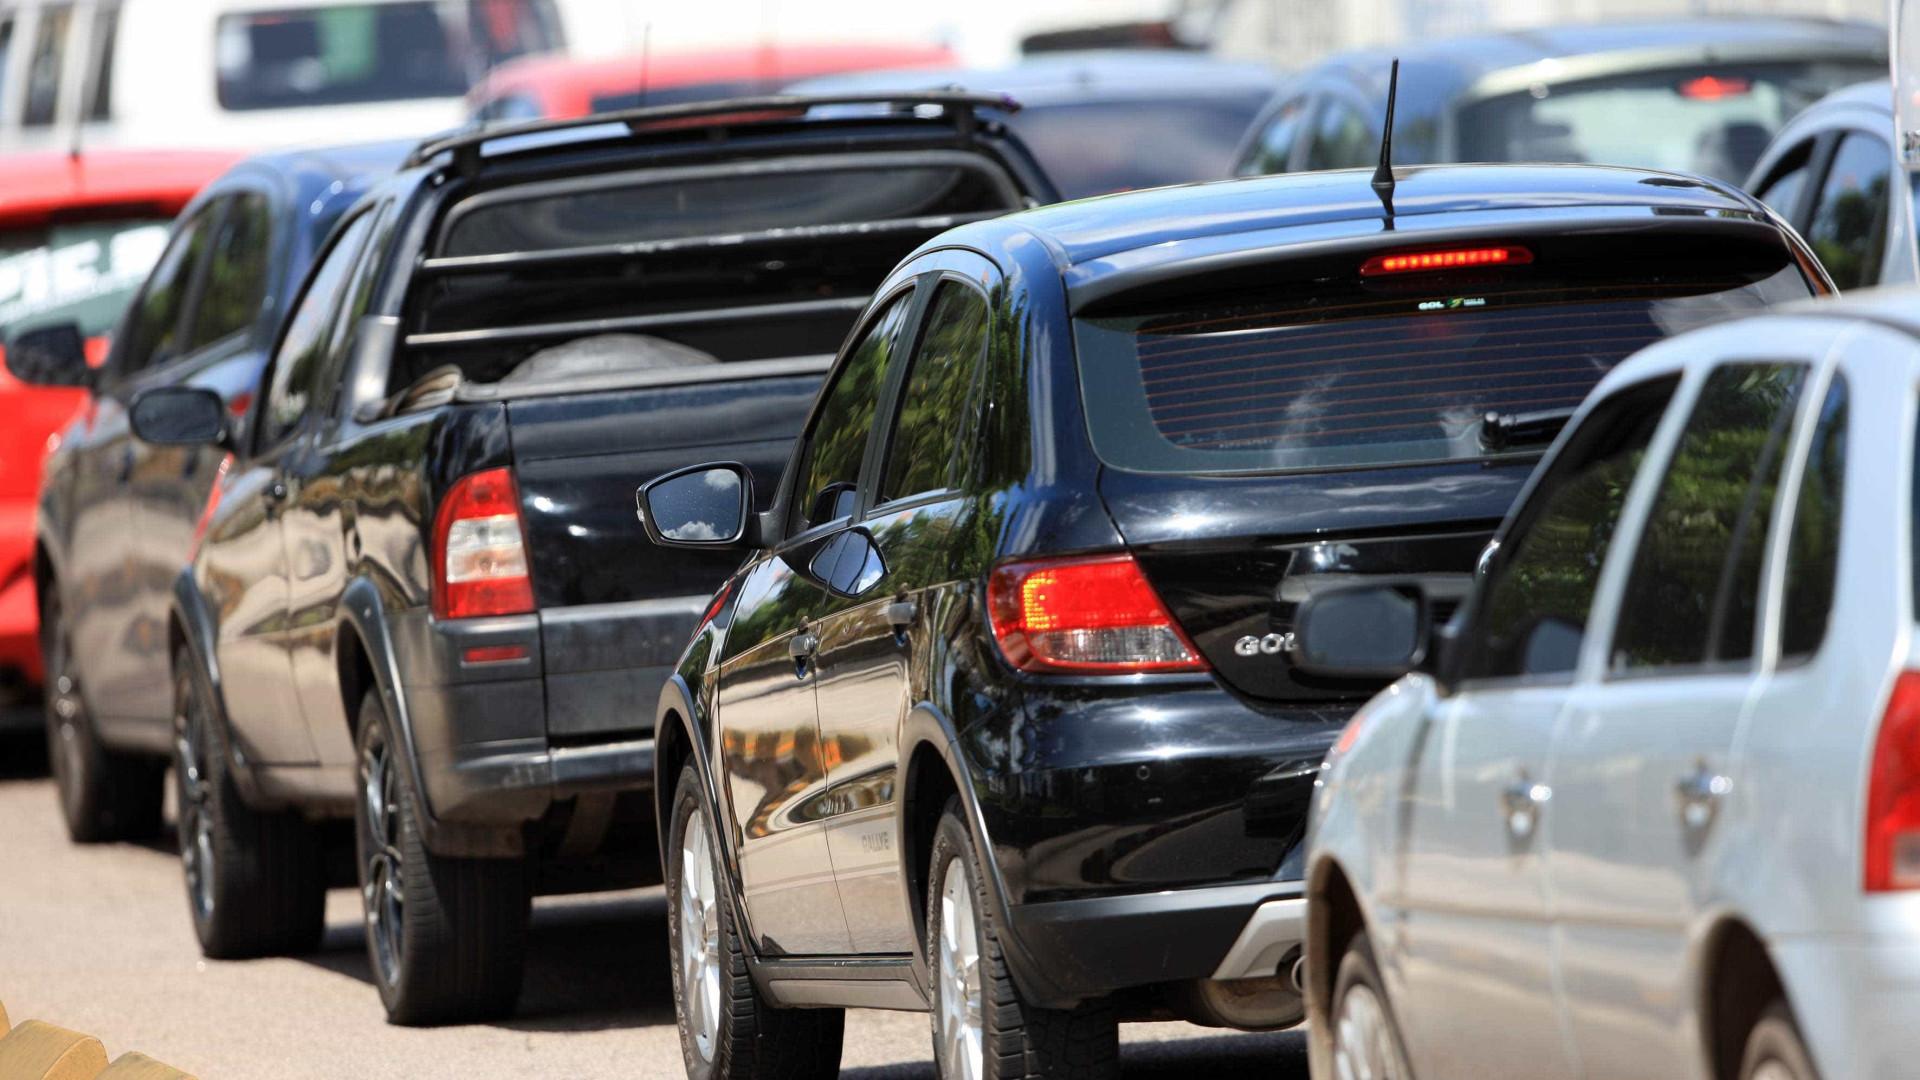 PM é morto após discussão de trânsito na Baixada Fluminense